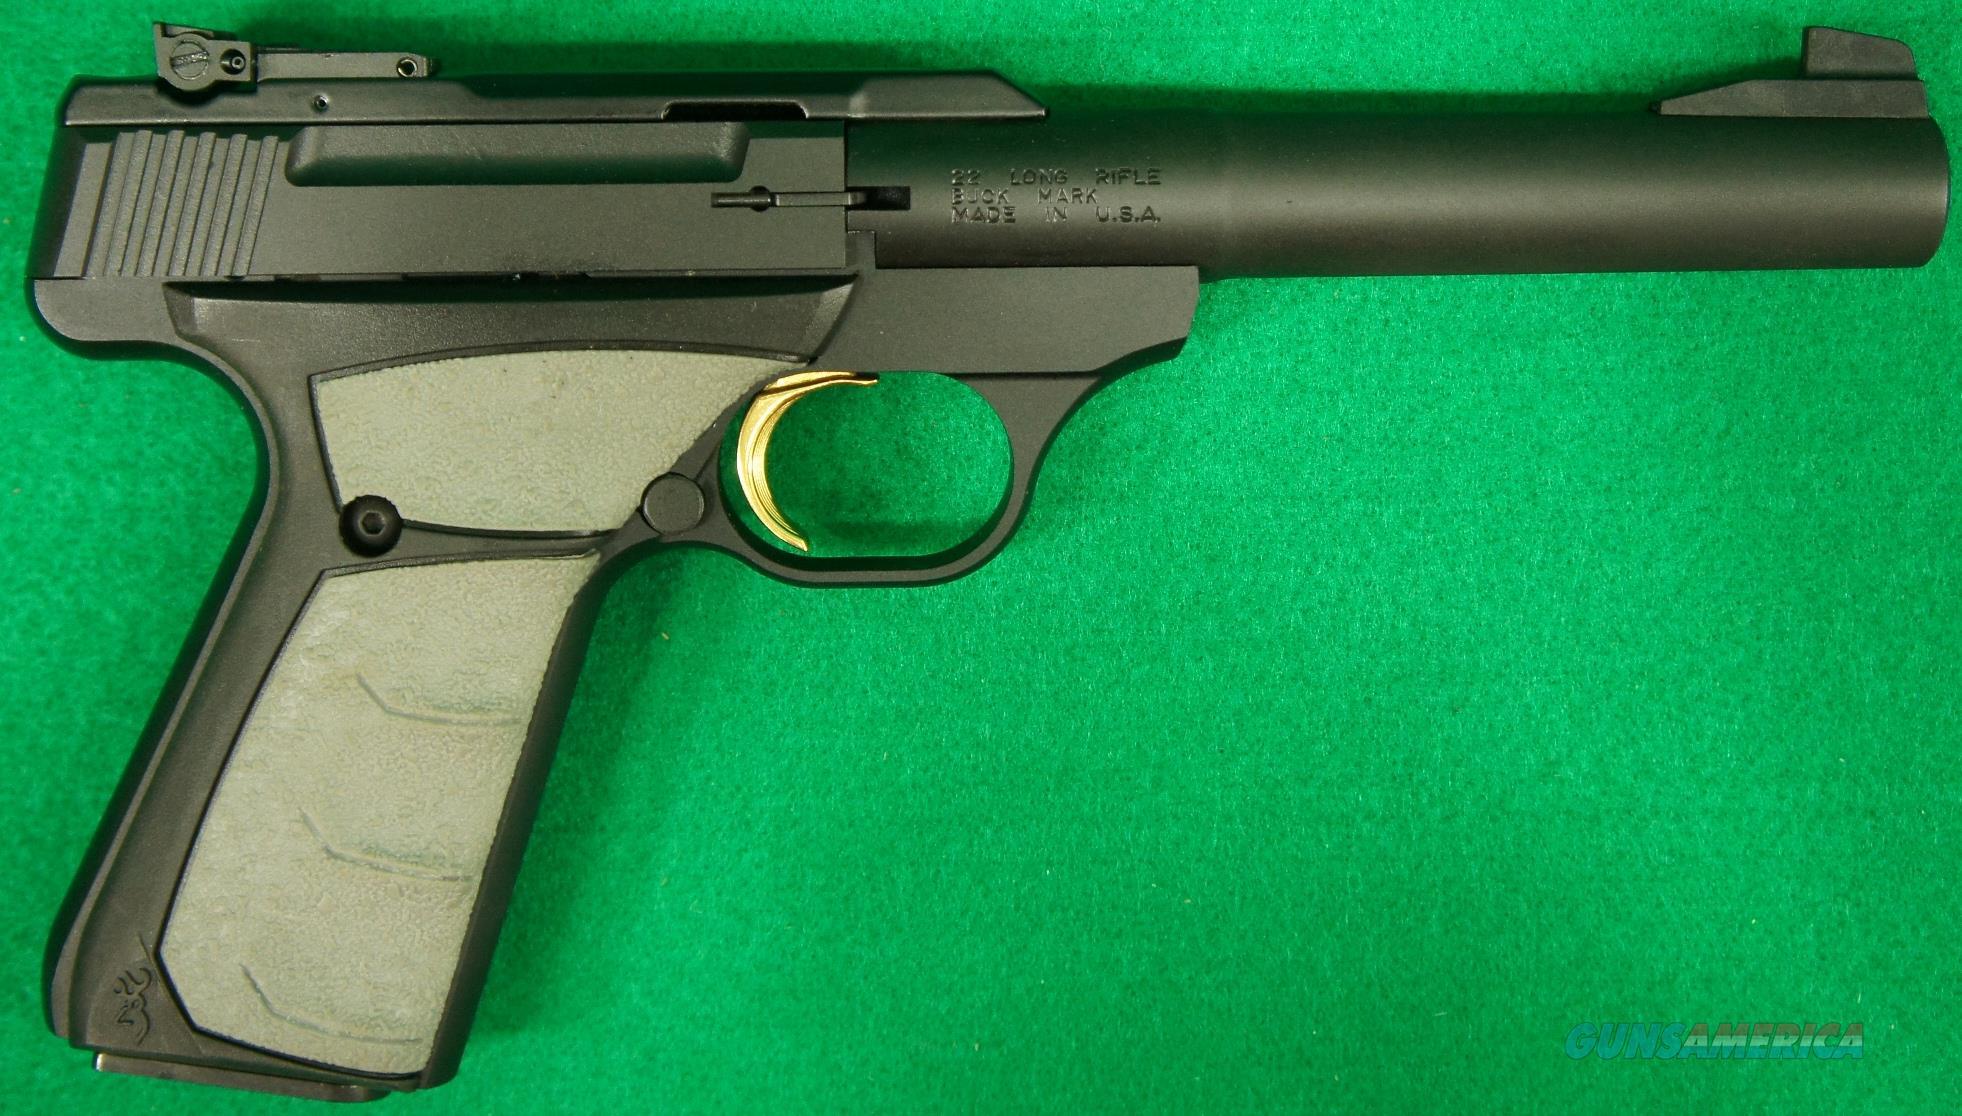 Buck Mark Camper UFX Blk 22LR 5.5In 051498490  Guns > Pistols > Browning Pistols > Buckmark